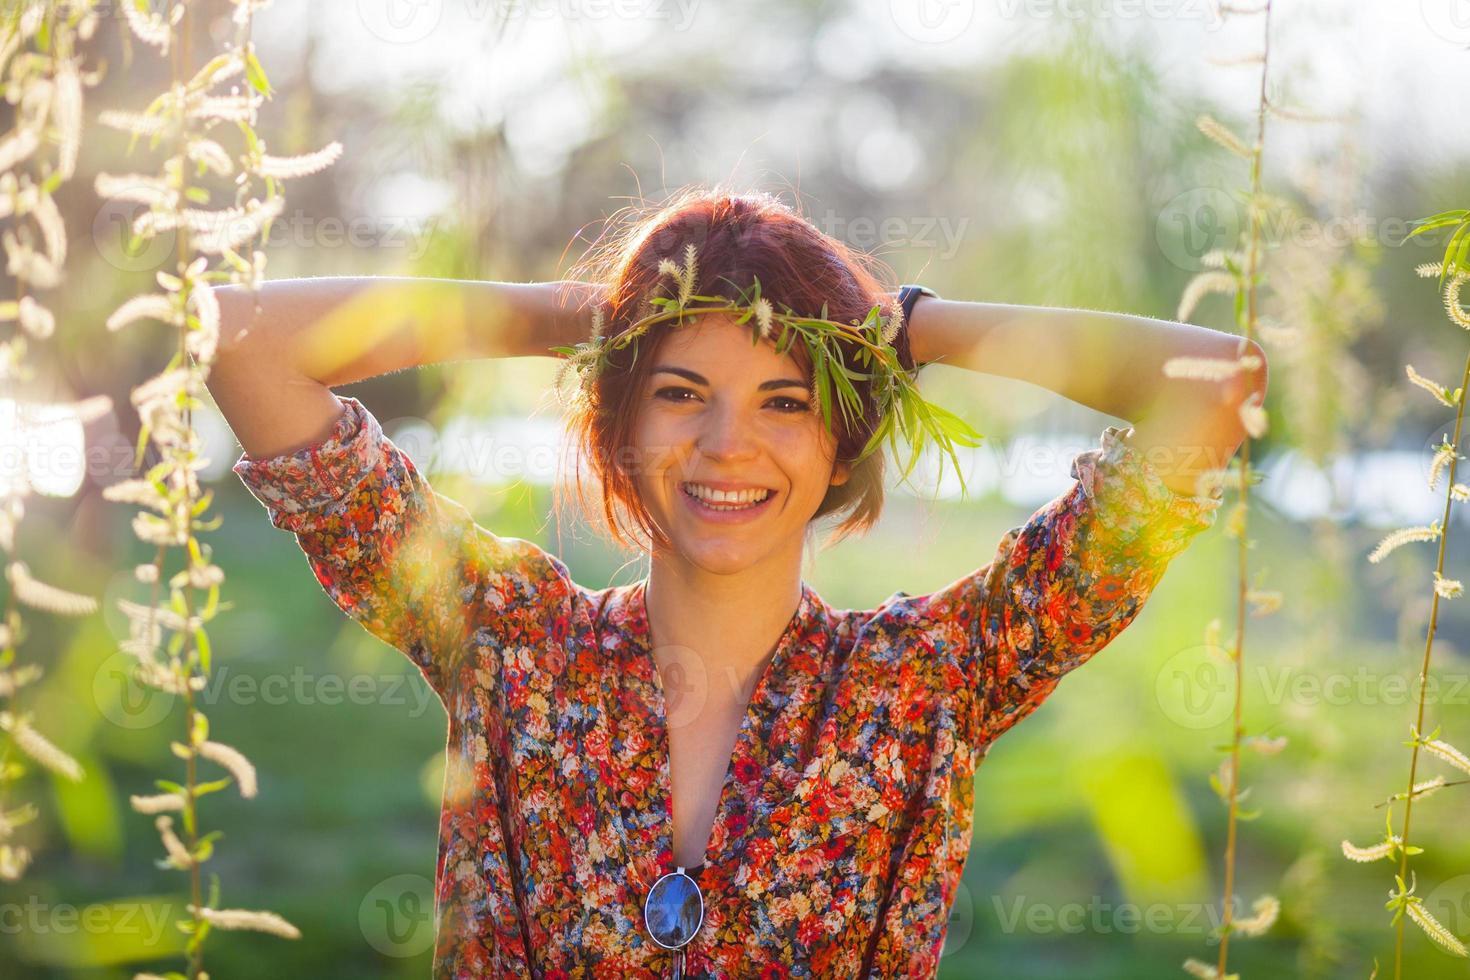 jovem bonita com coroa de ramos foto